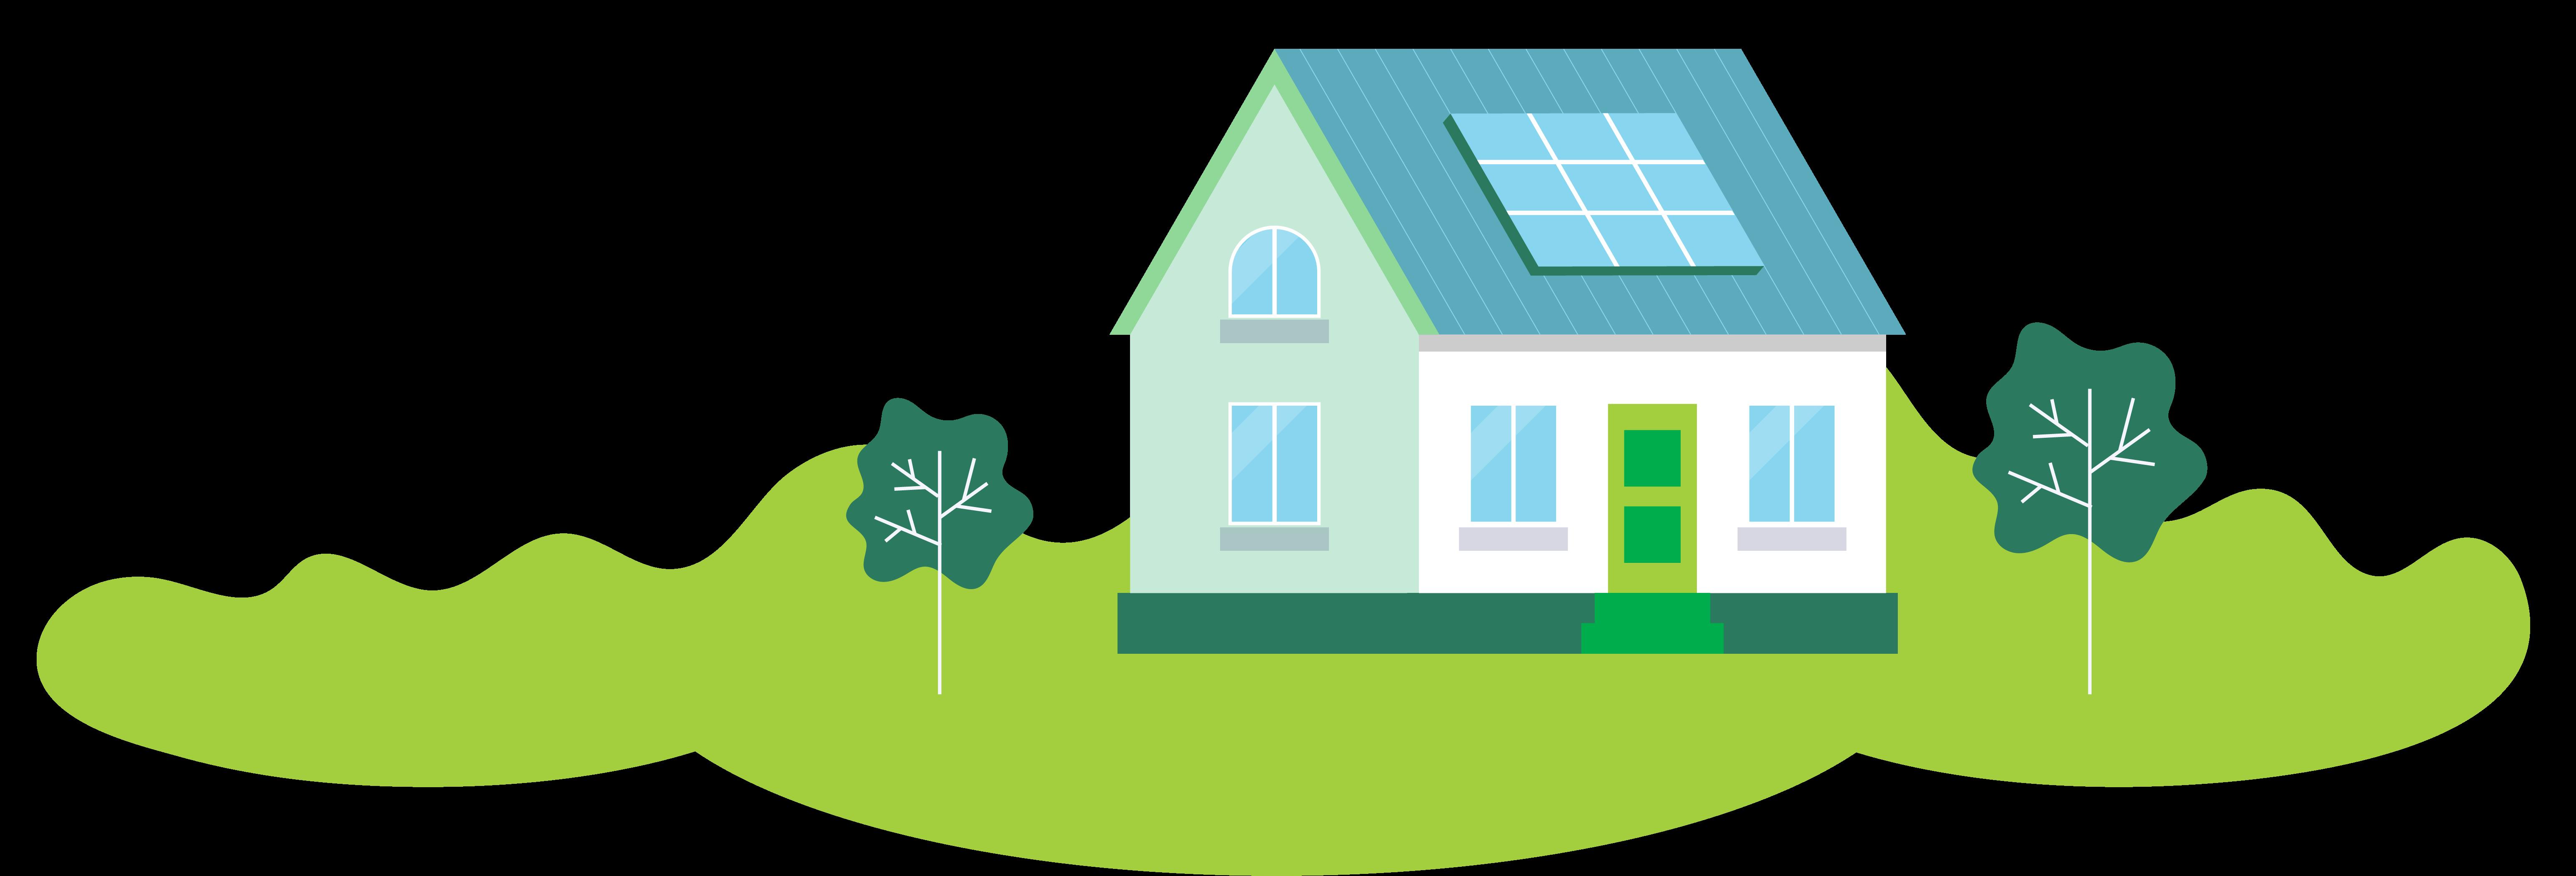 Hus med solceller og grønt område